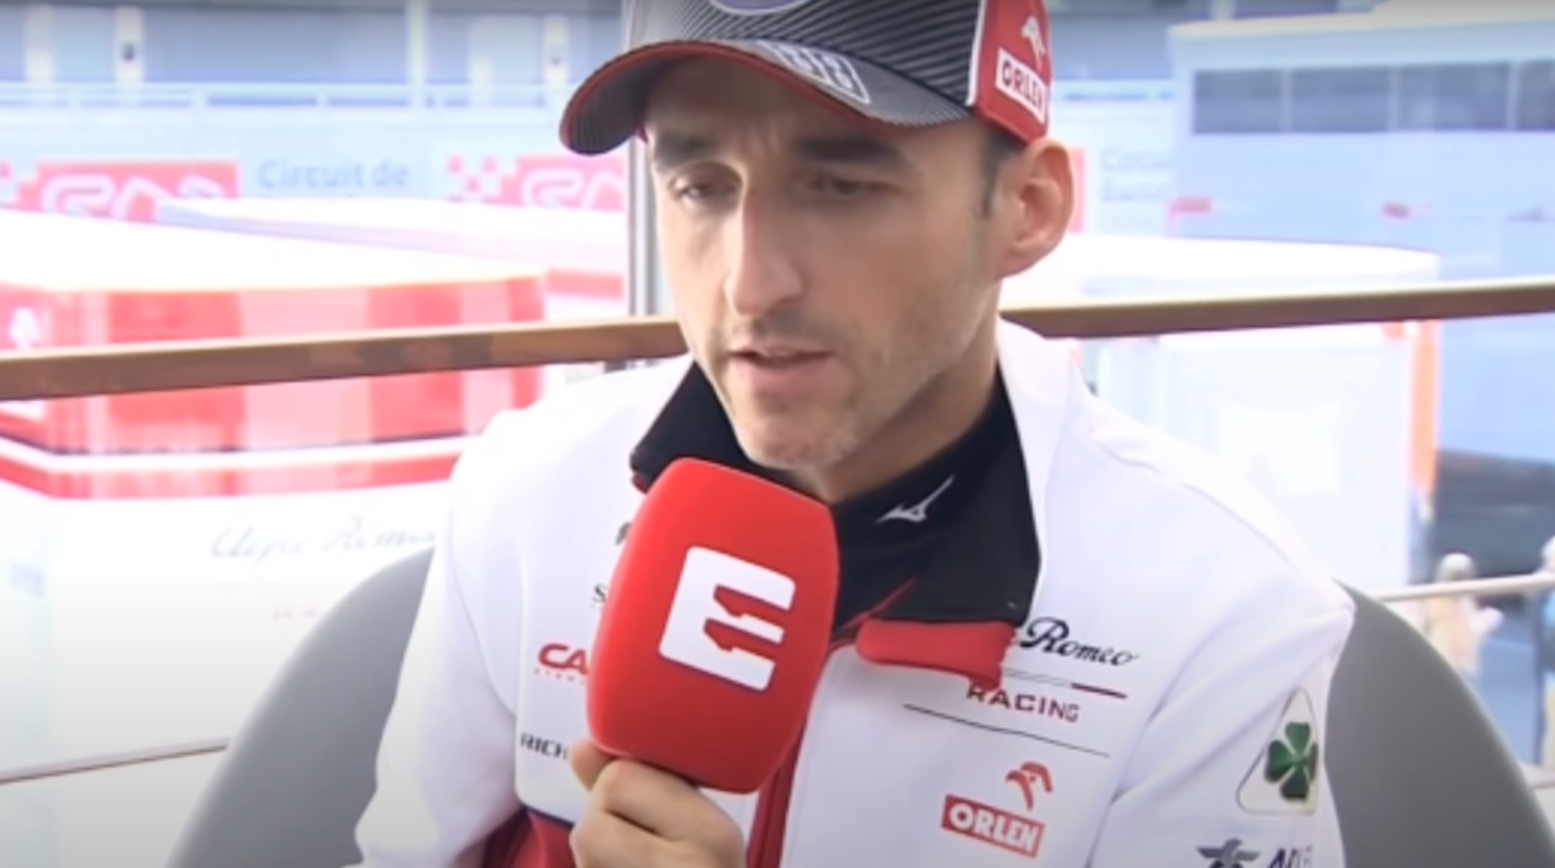 Formuła 1: Po piątkowej jeździe bolidem Alfa-Romeo przed GP Styrii, Robert Kubica dosyć ostro wypowiedział się o możliwościach włoskiego samochodu.